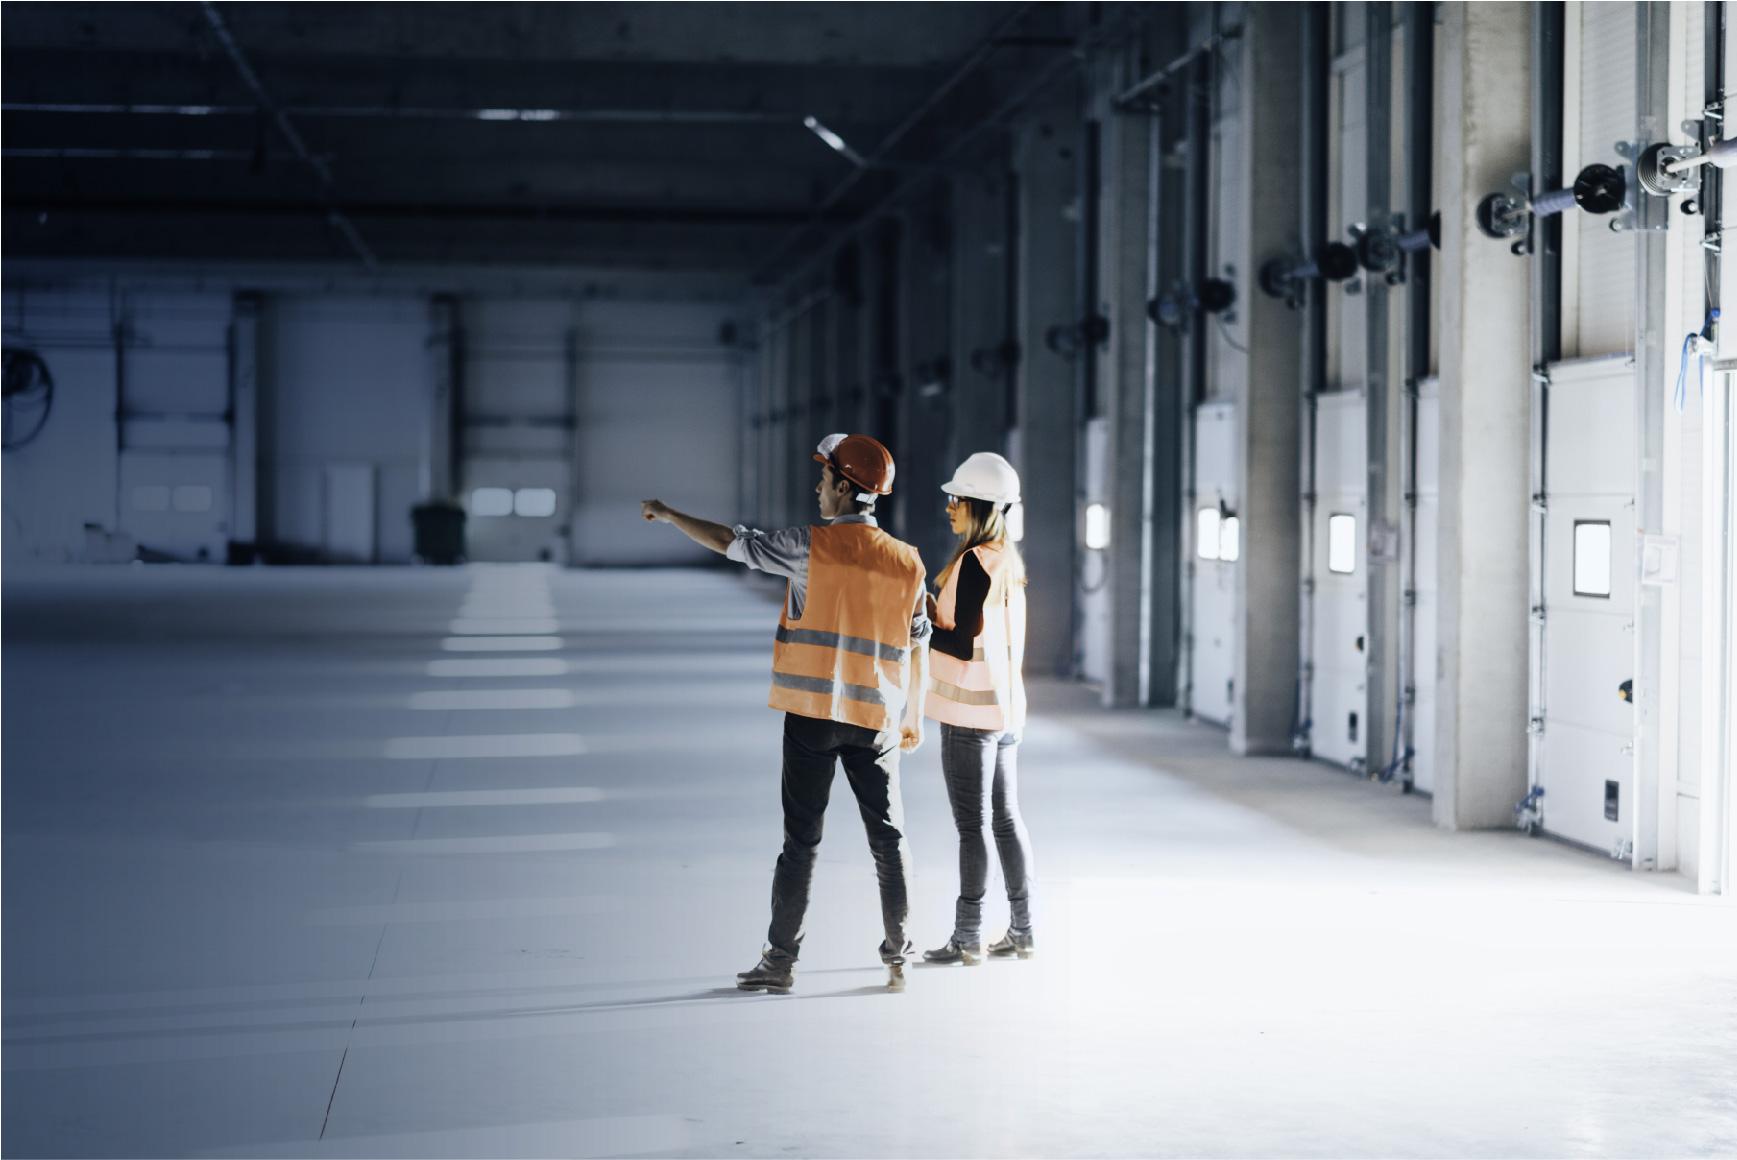 Optimización del rendimiento laboral